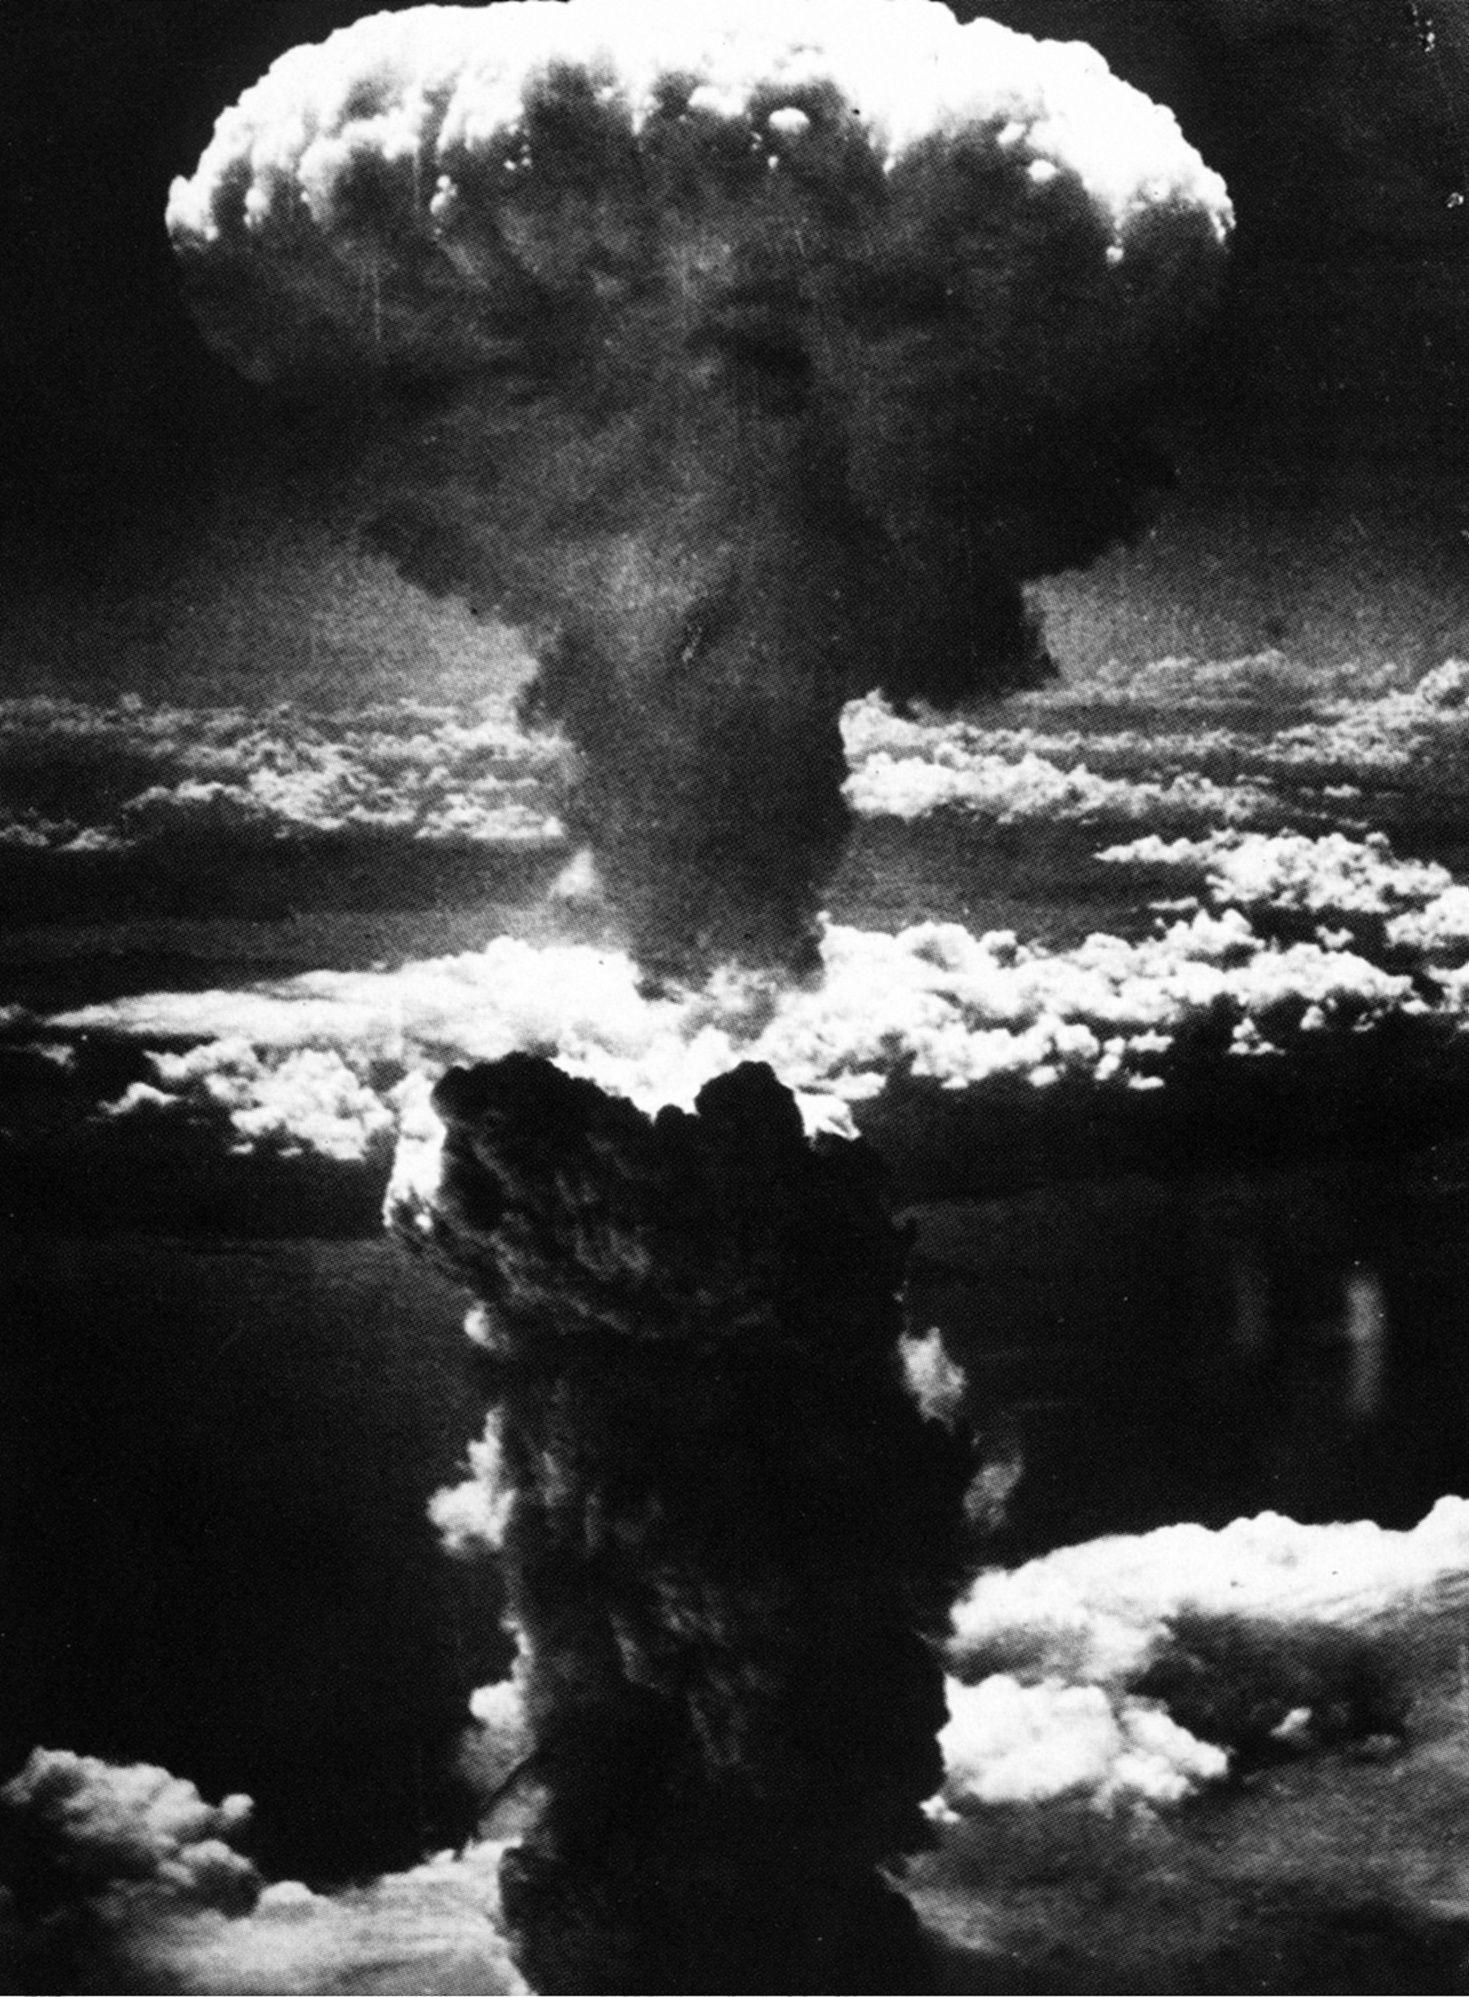 ¿Te parece que las bombas de Hiroshima y Nagasaki fueron necesarias?